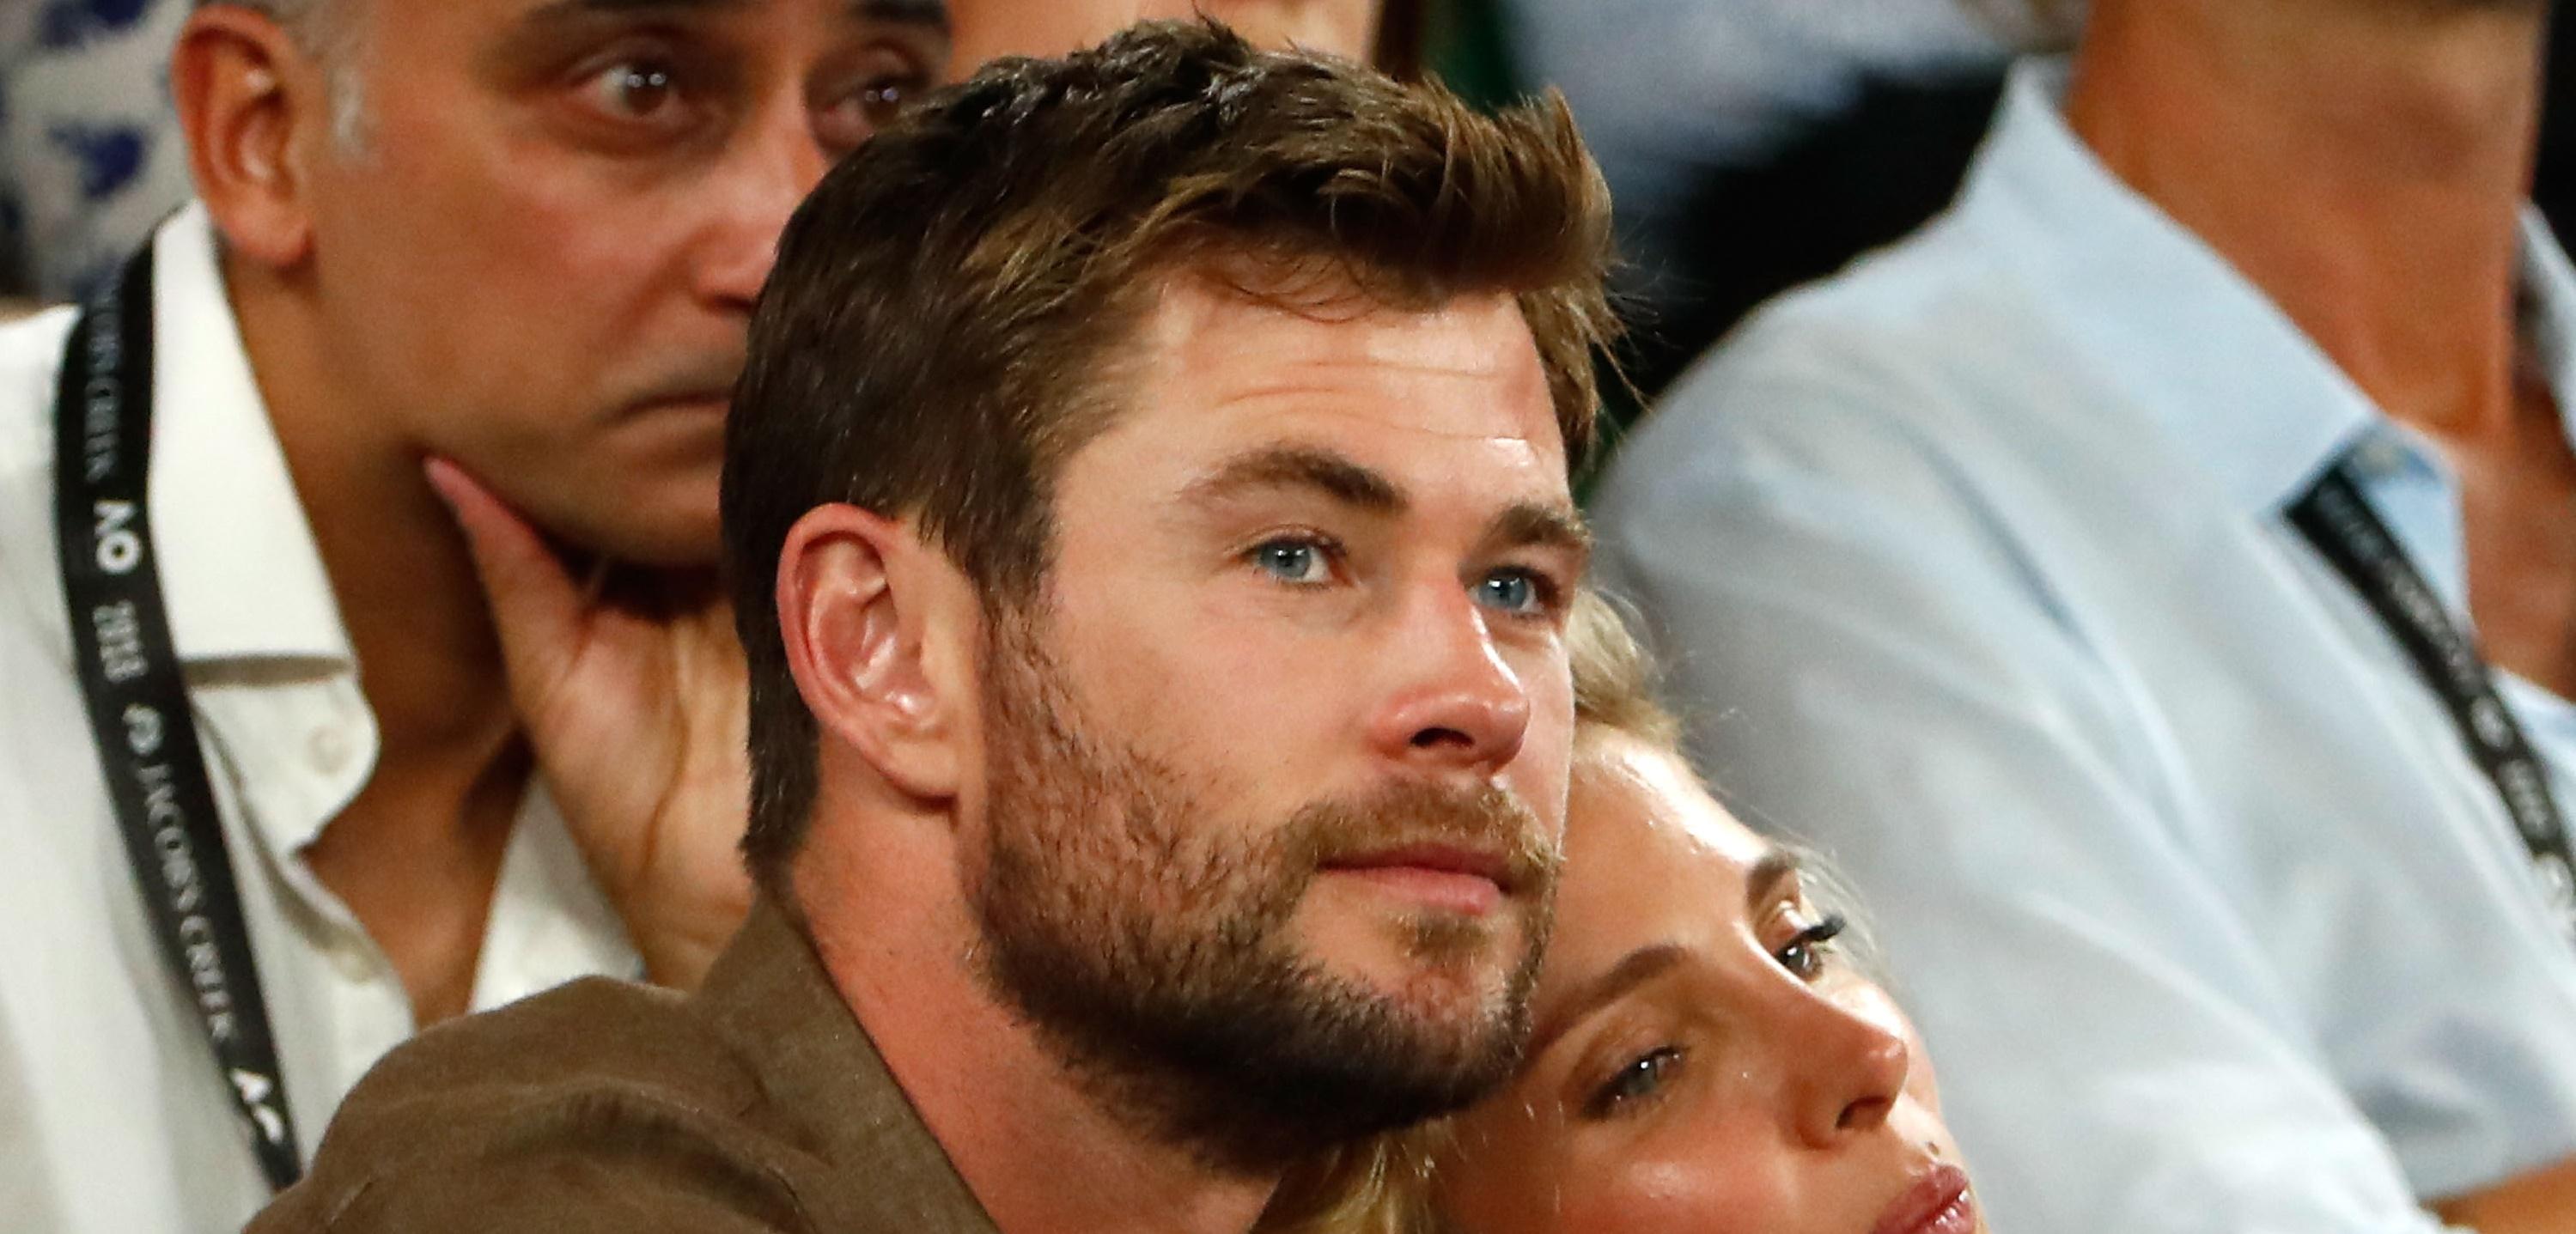 Chris Hemsworth ficou chocado com tanquinho de colega de filme: 'Posso tocar?'